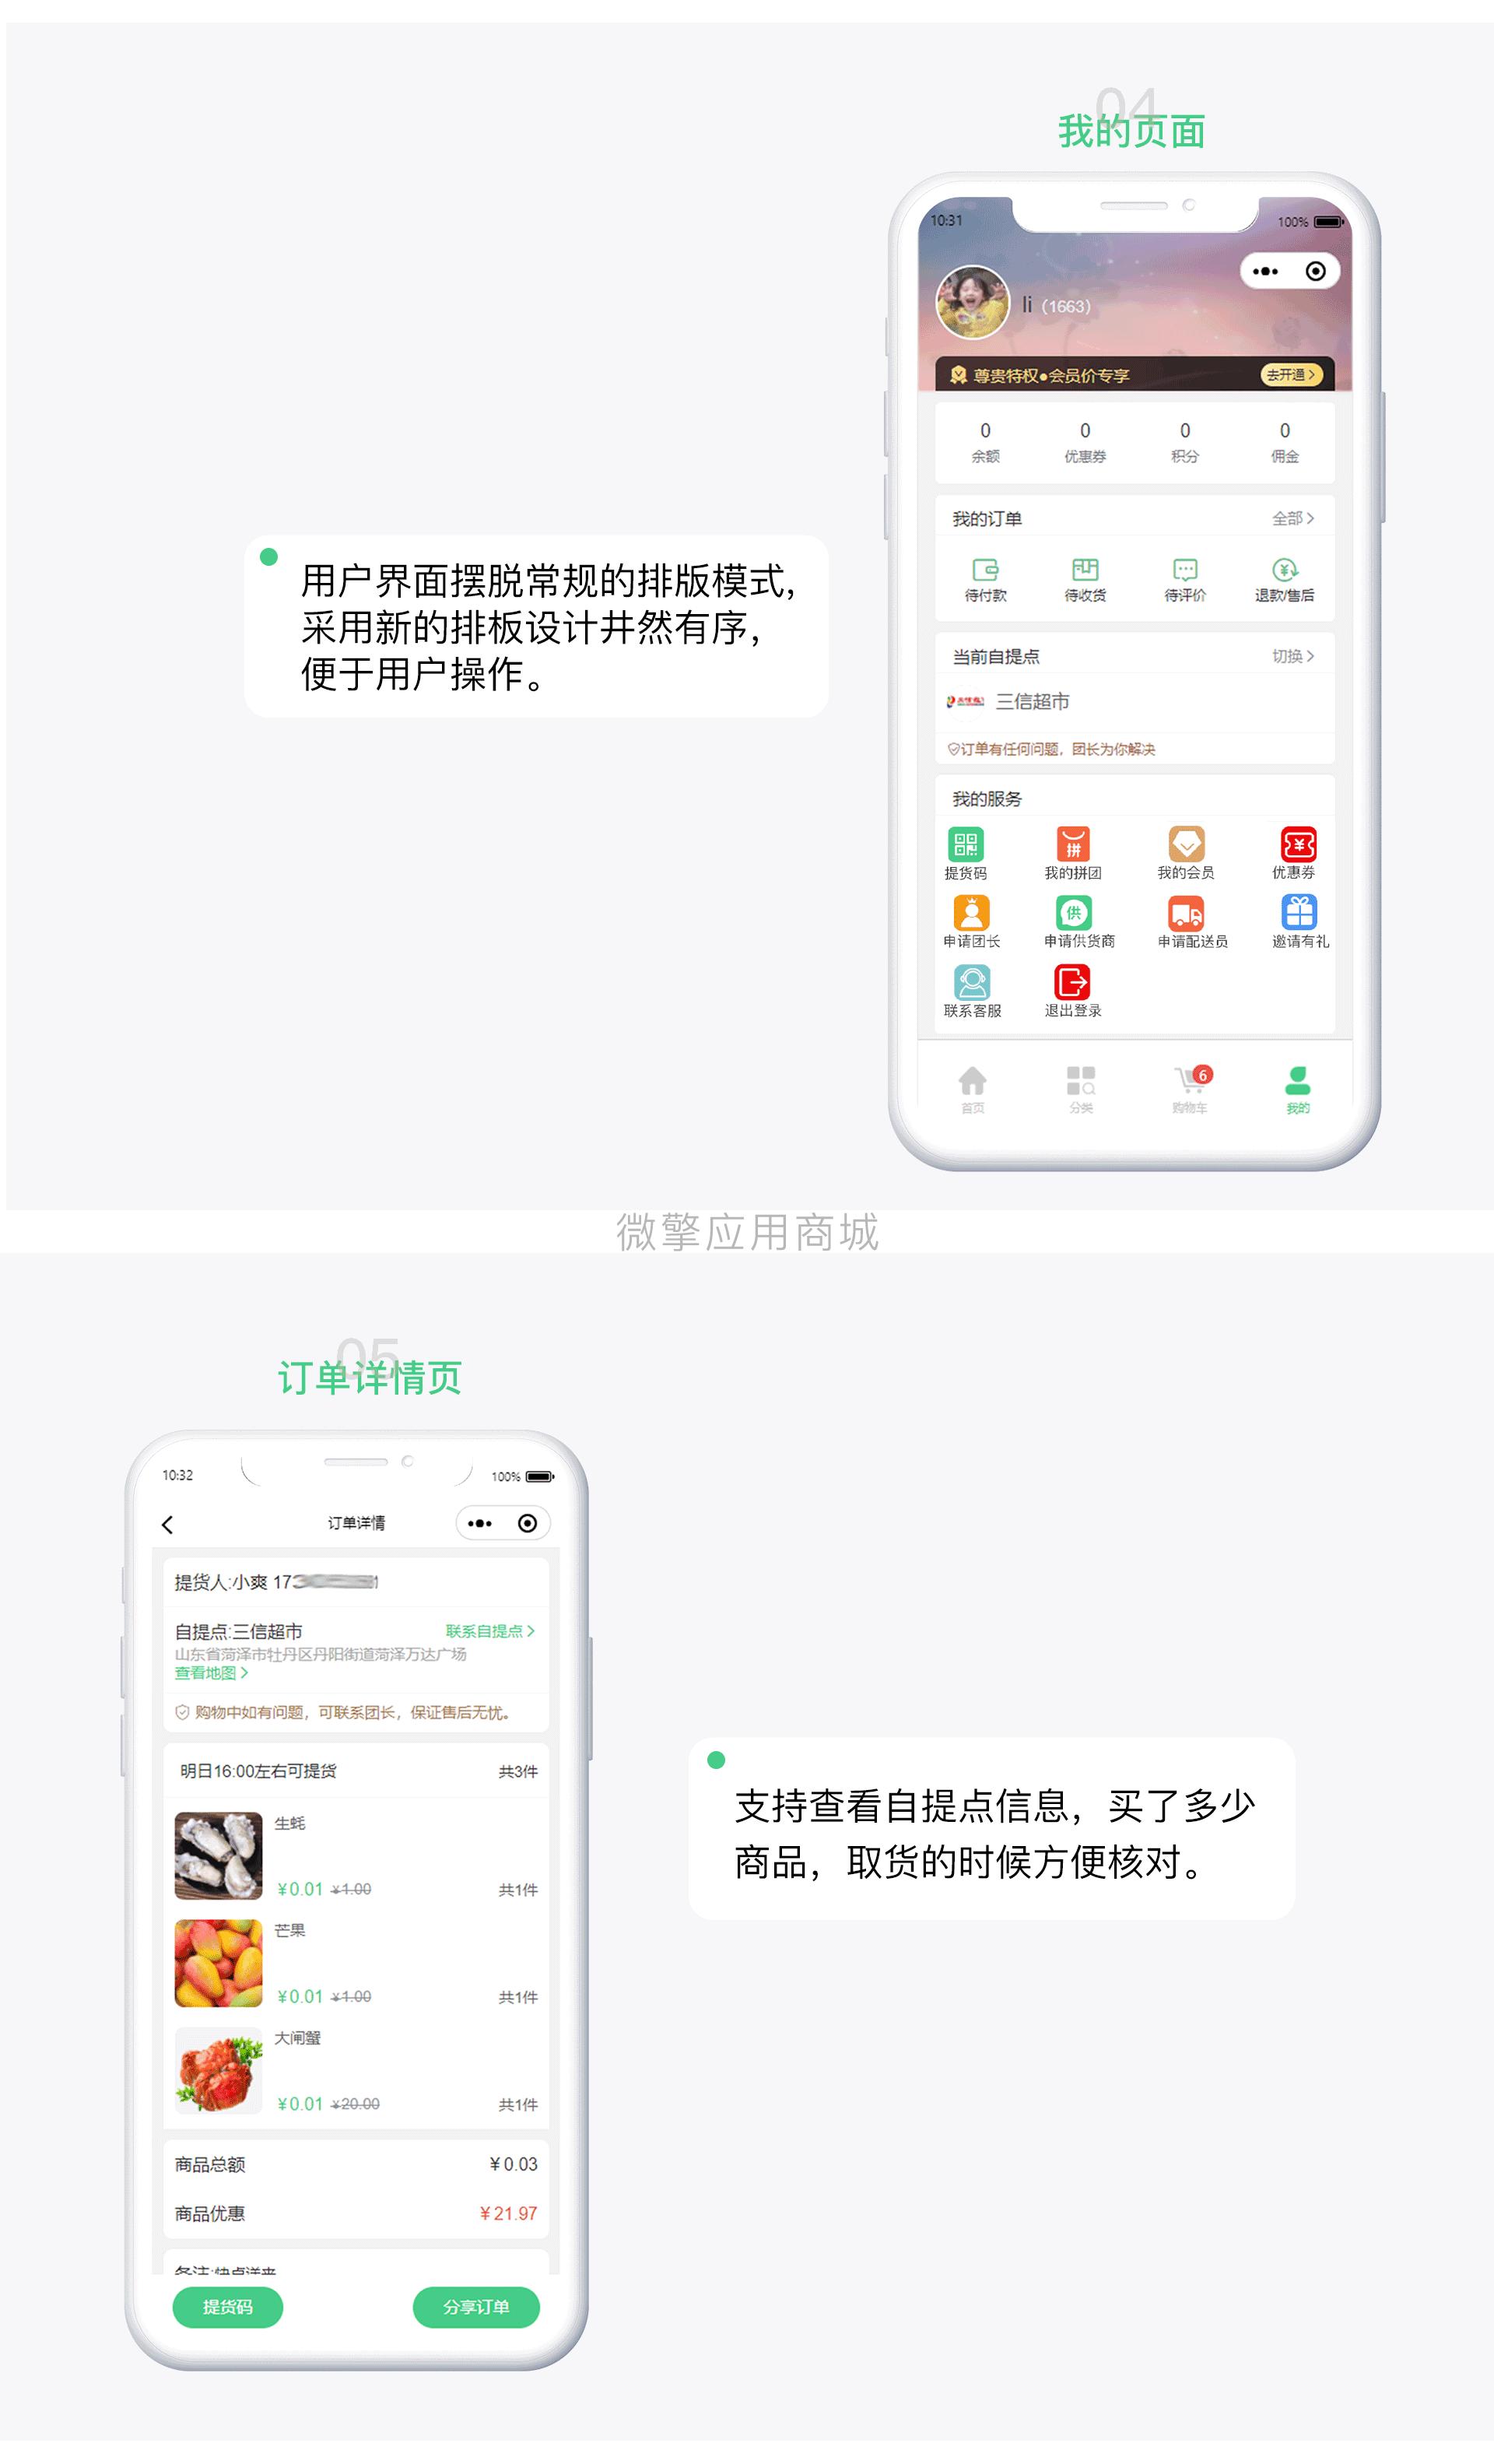 社区团购长图_03.png